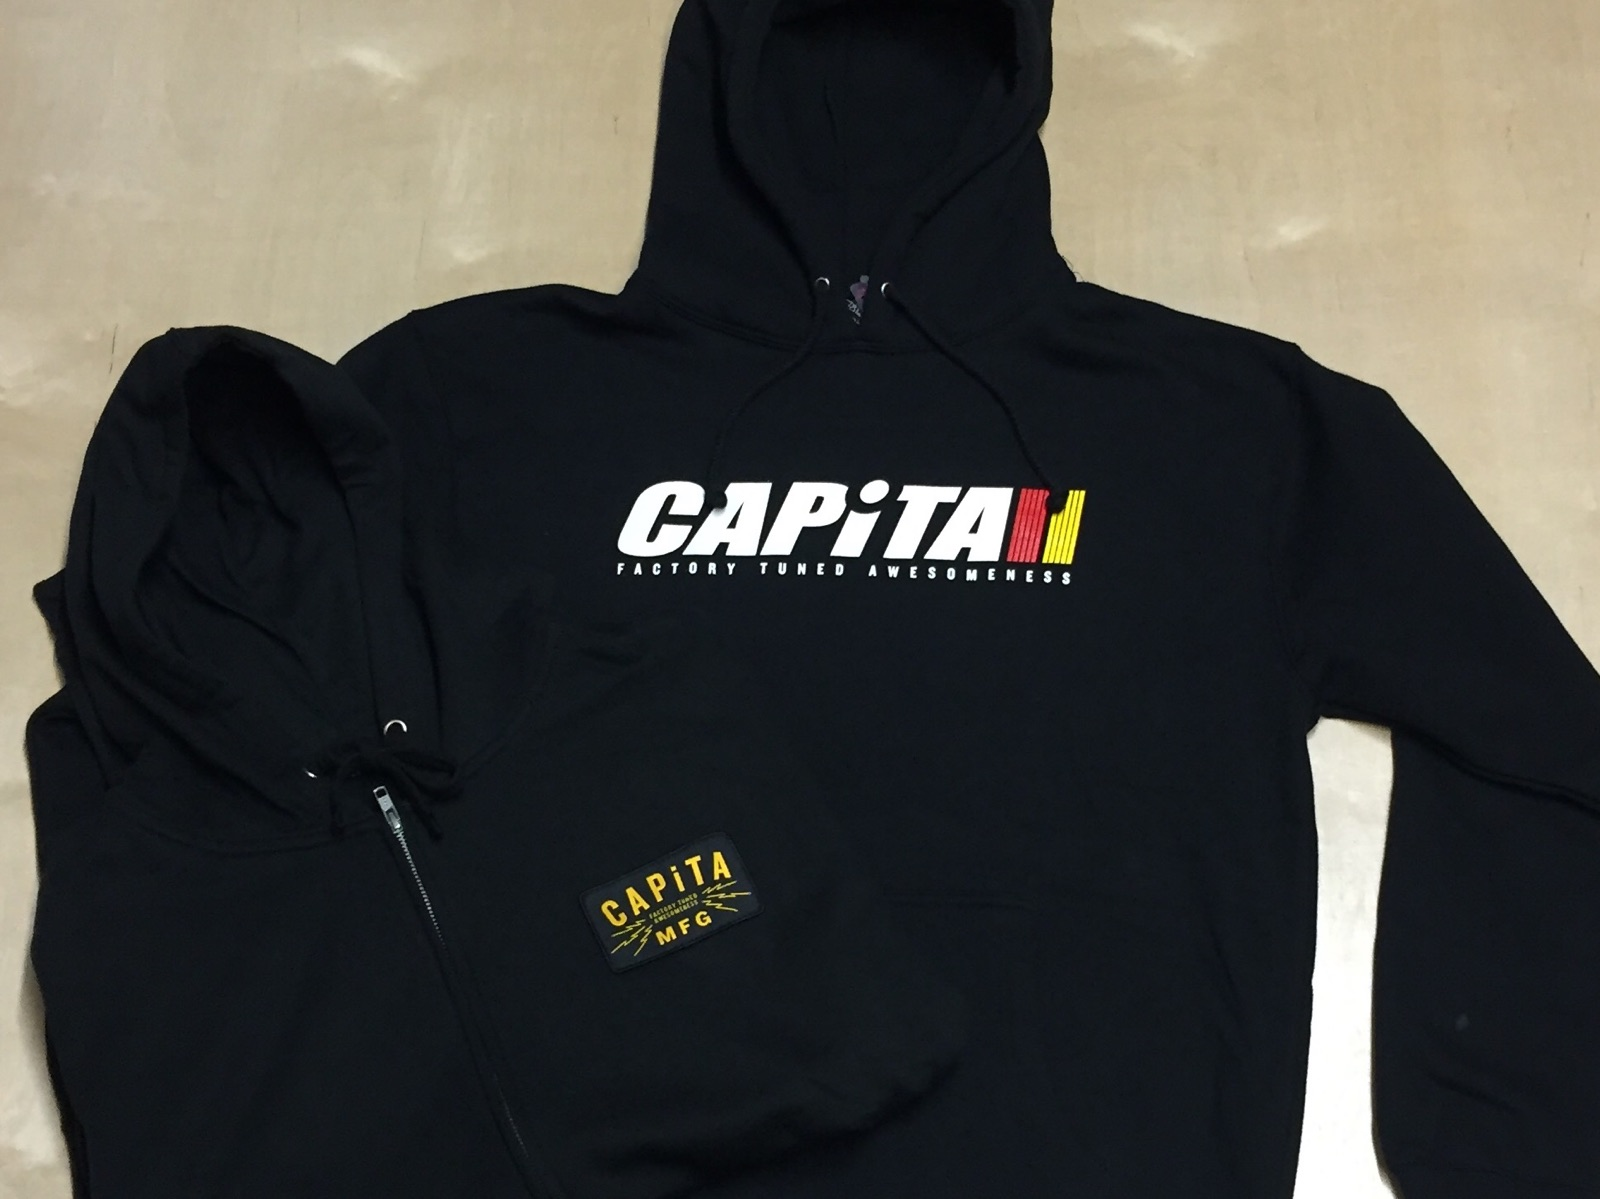 Capita hoodie